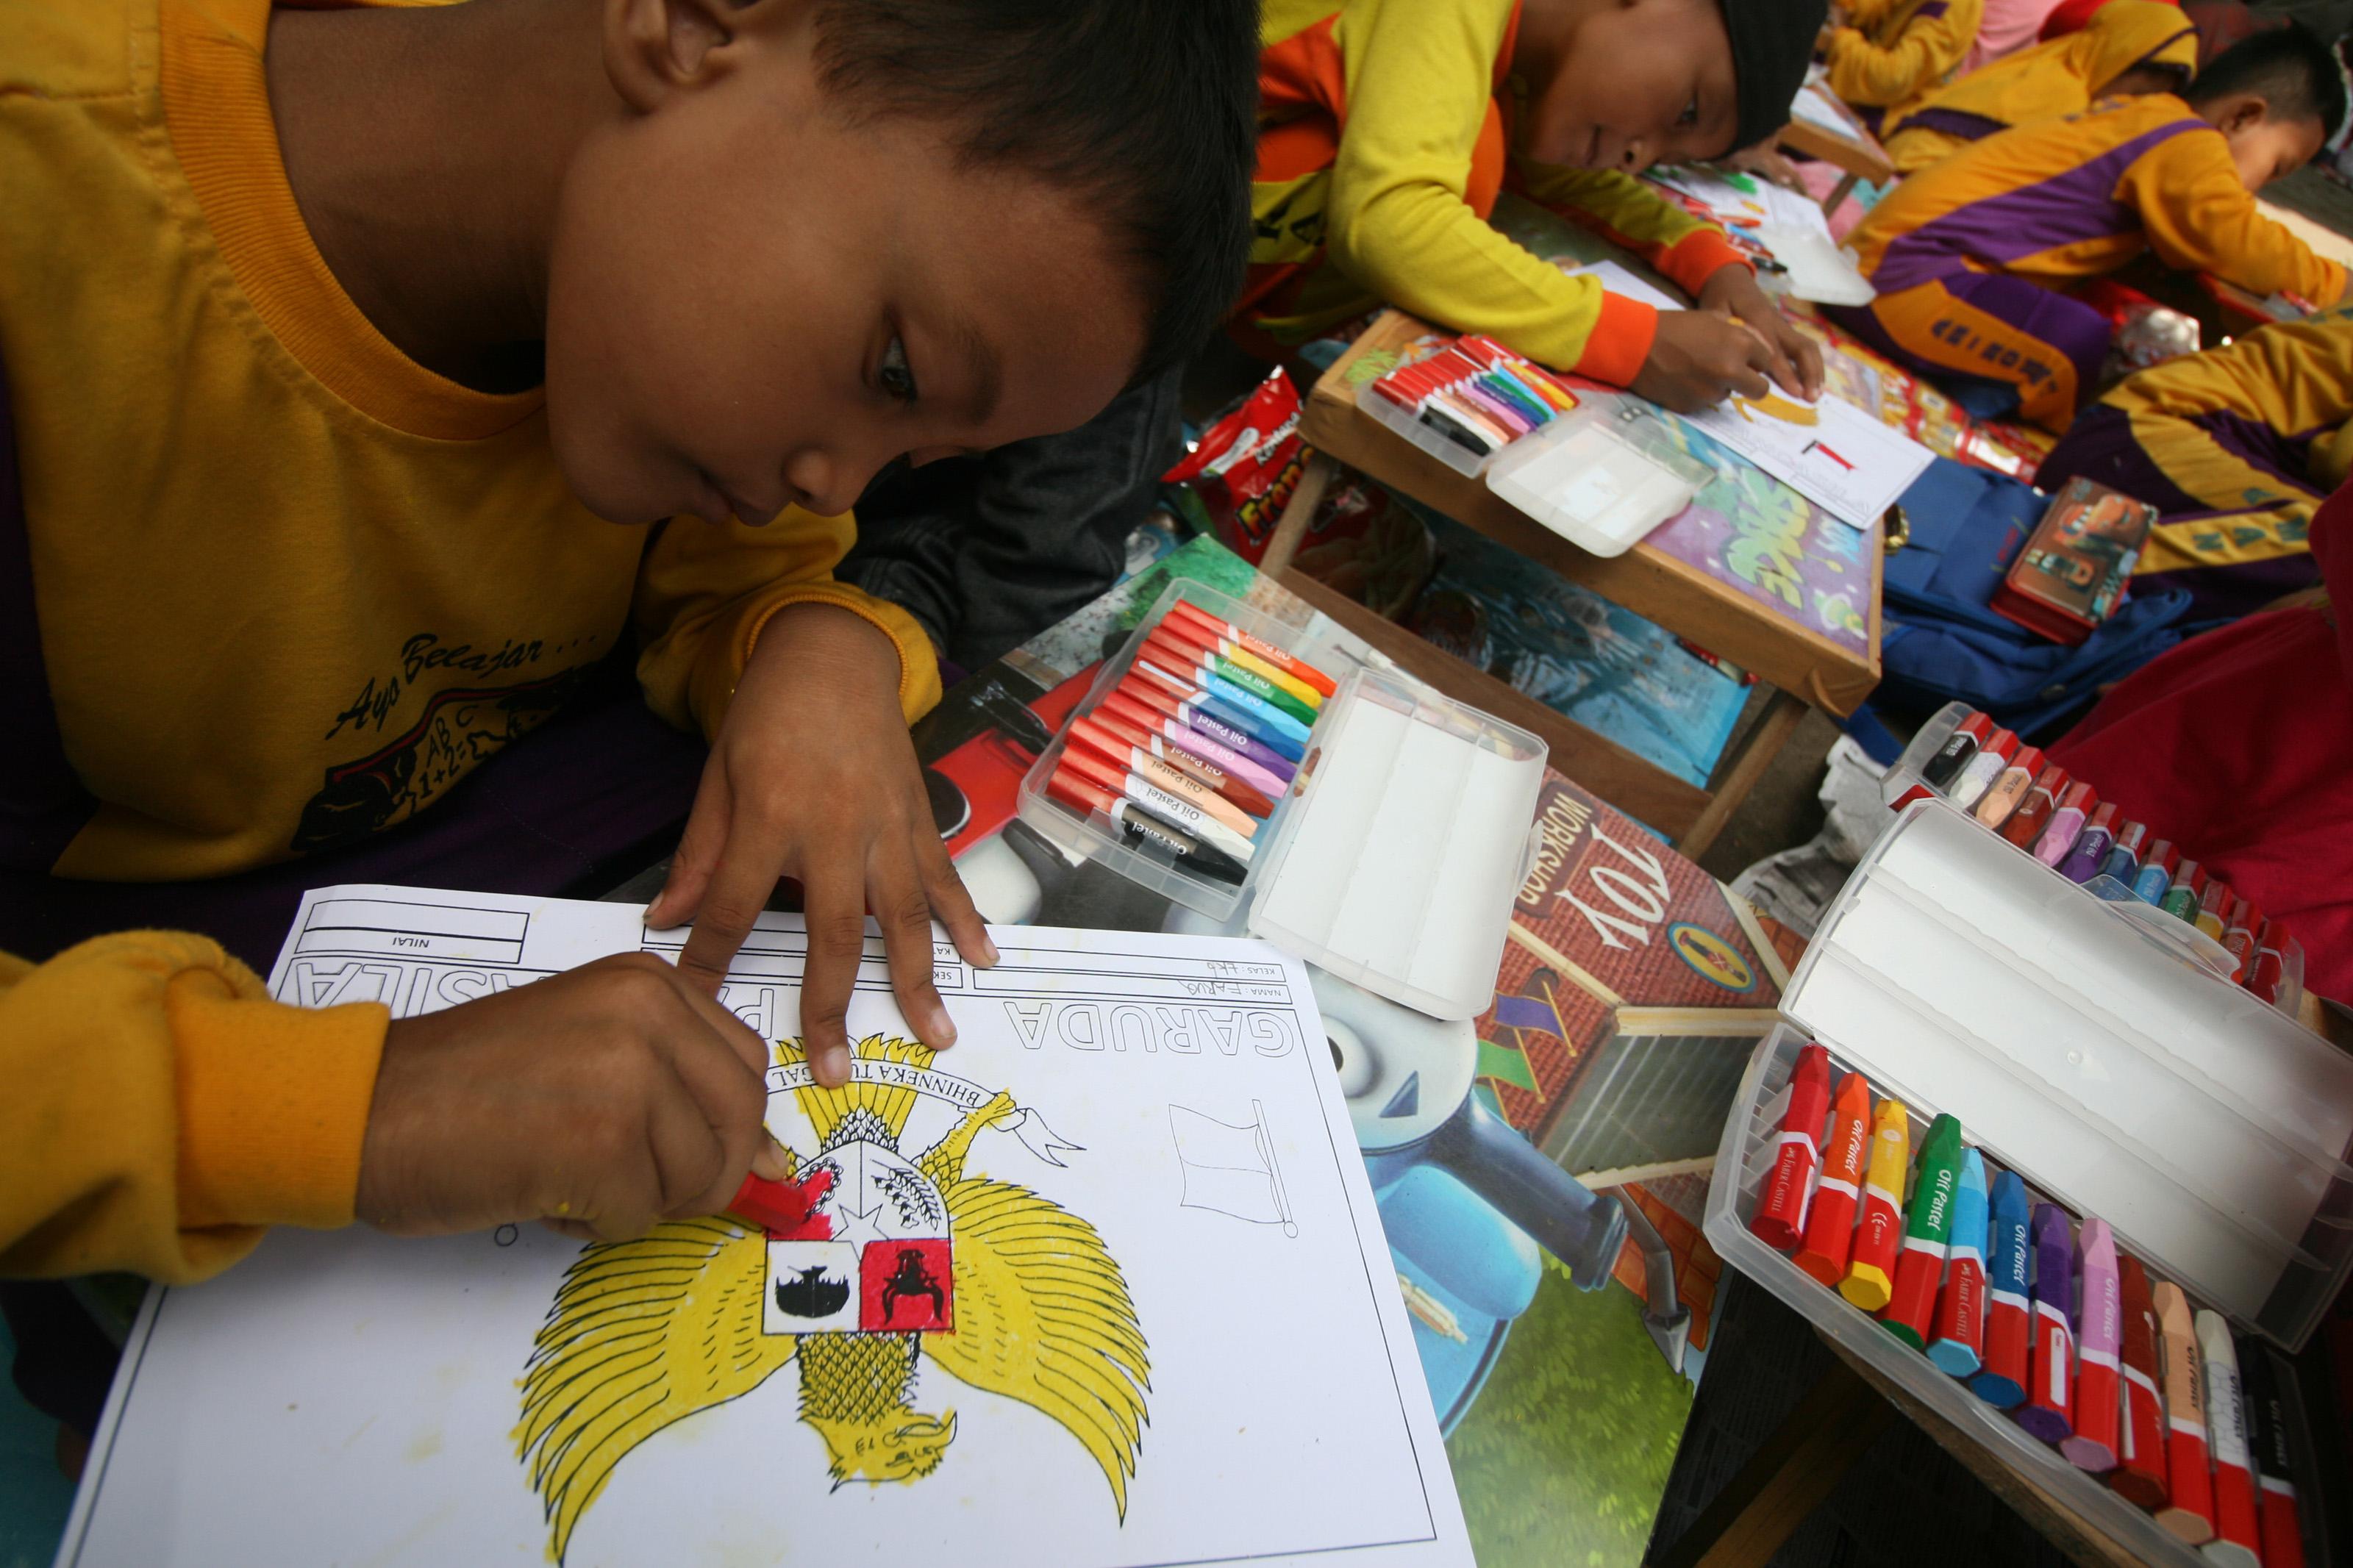 Daftar Harga 1pengertian Bhineka Tunggal Ika Dalam Kitab Sutasoma